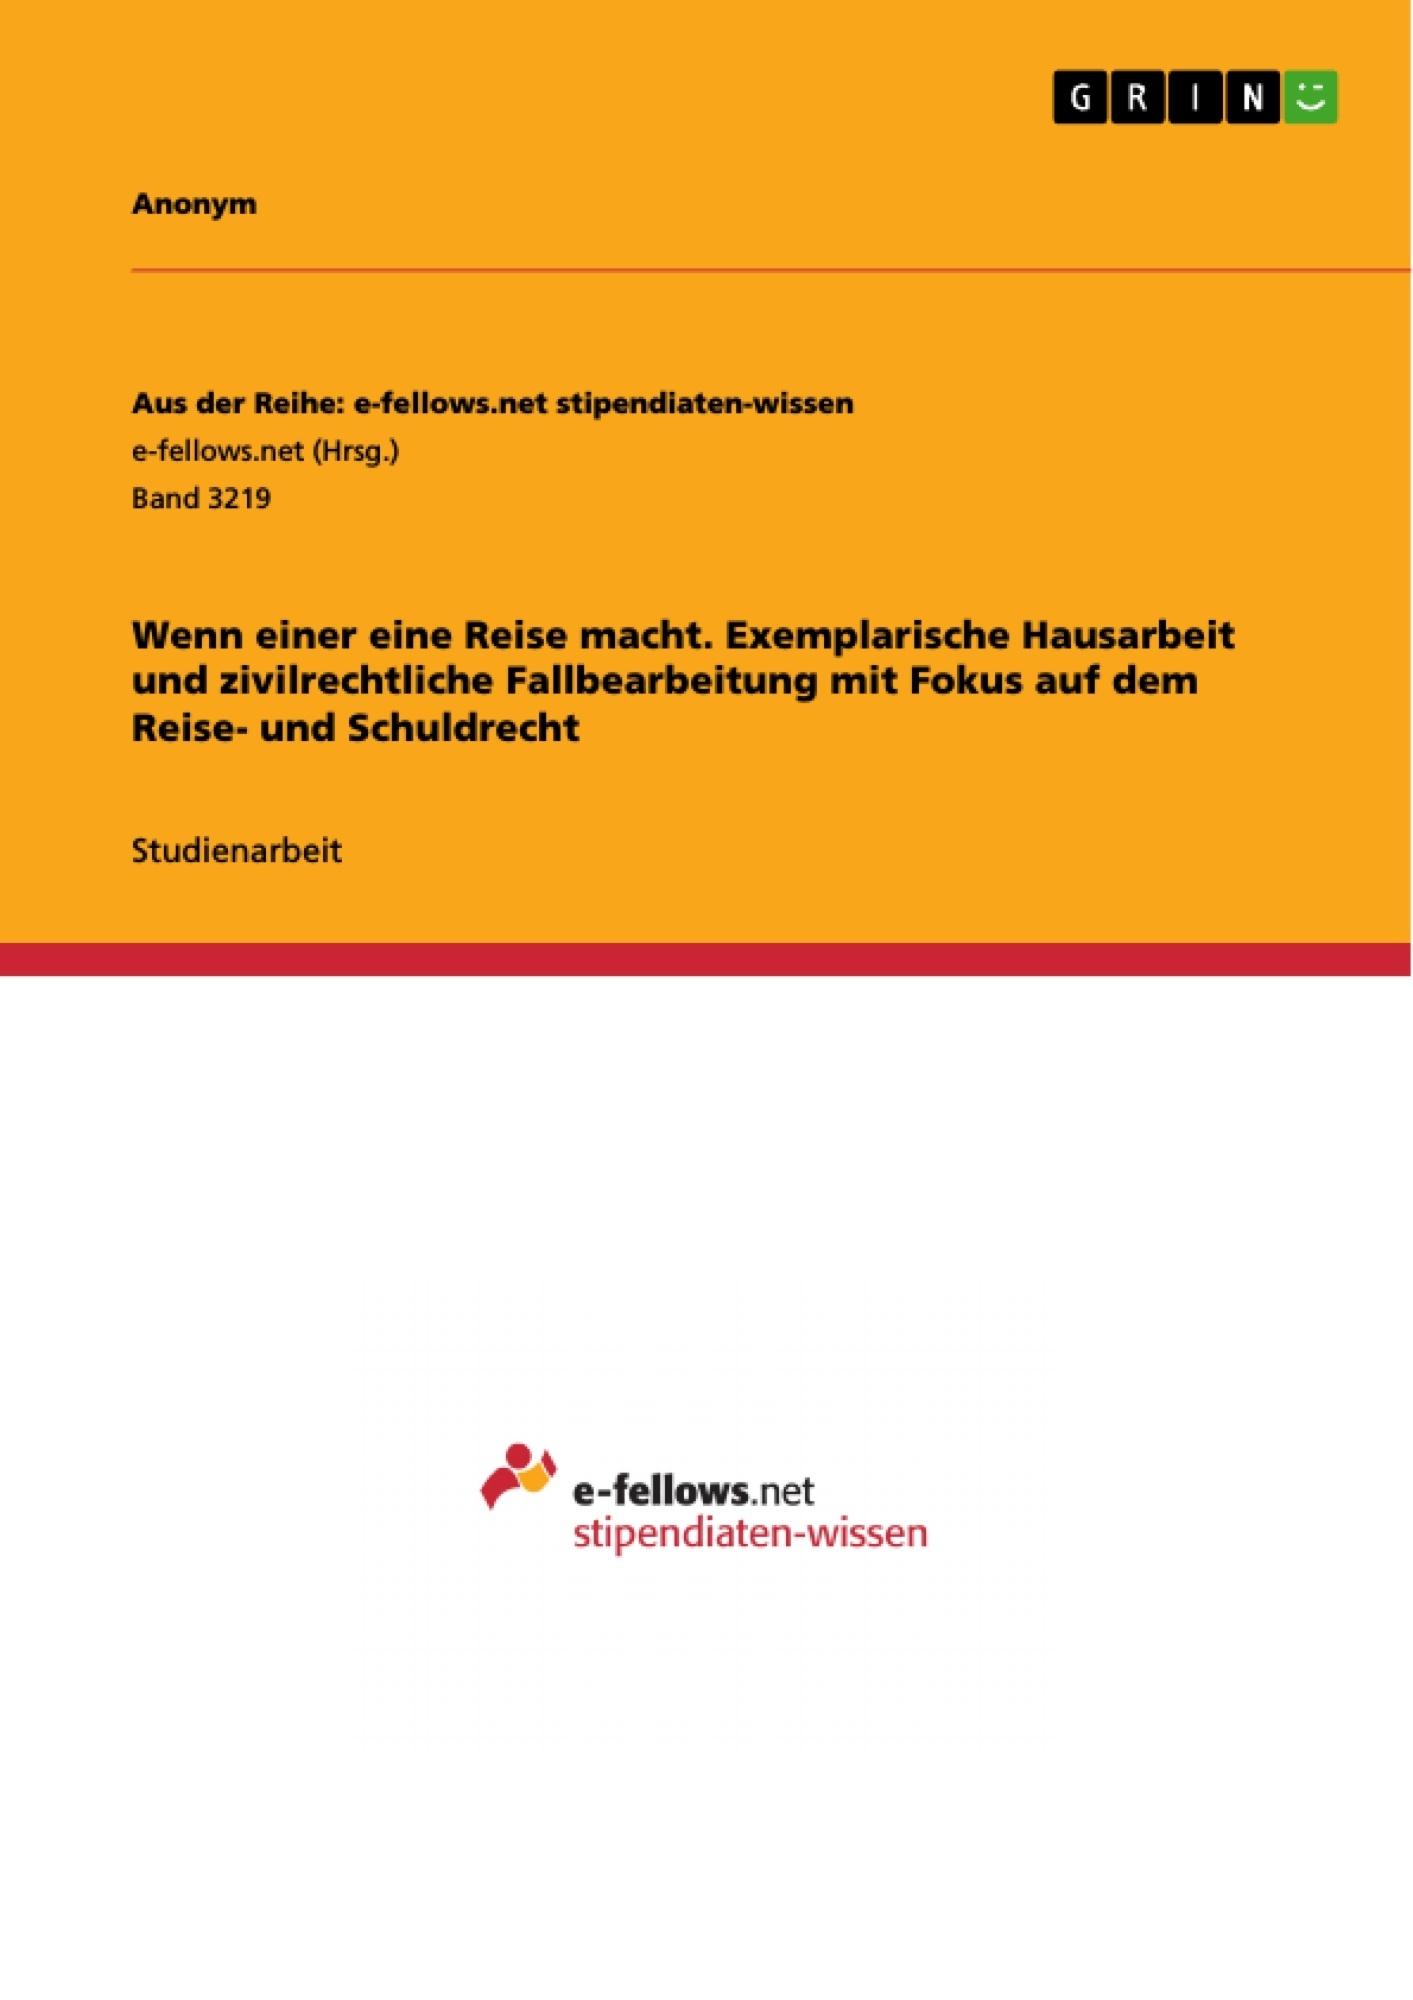 Titel: Wenn einer eine Reise macht. Exemplarische Hausarbeit und zivilrechtliche Fallbearbeitung mit Fokus auf dem Reise- und Schuldrecht